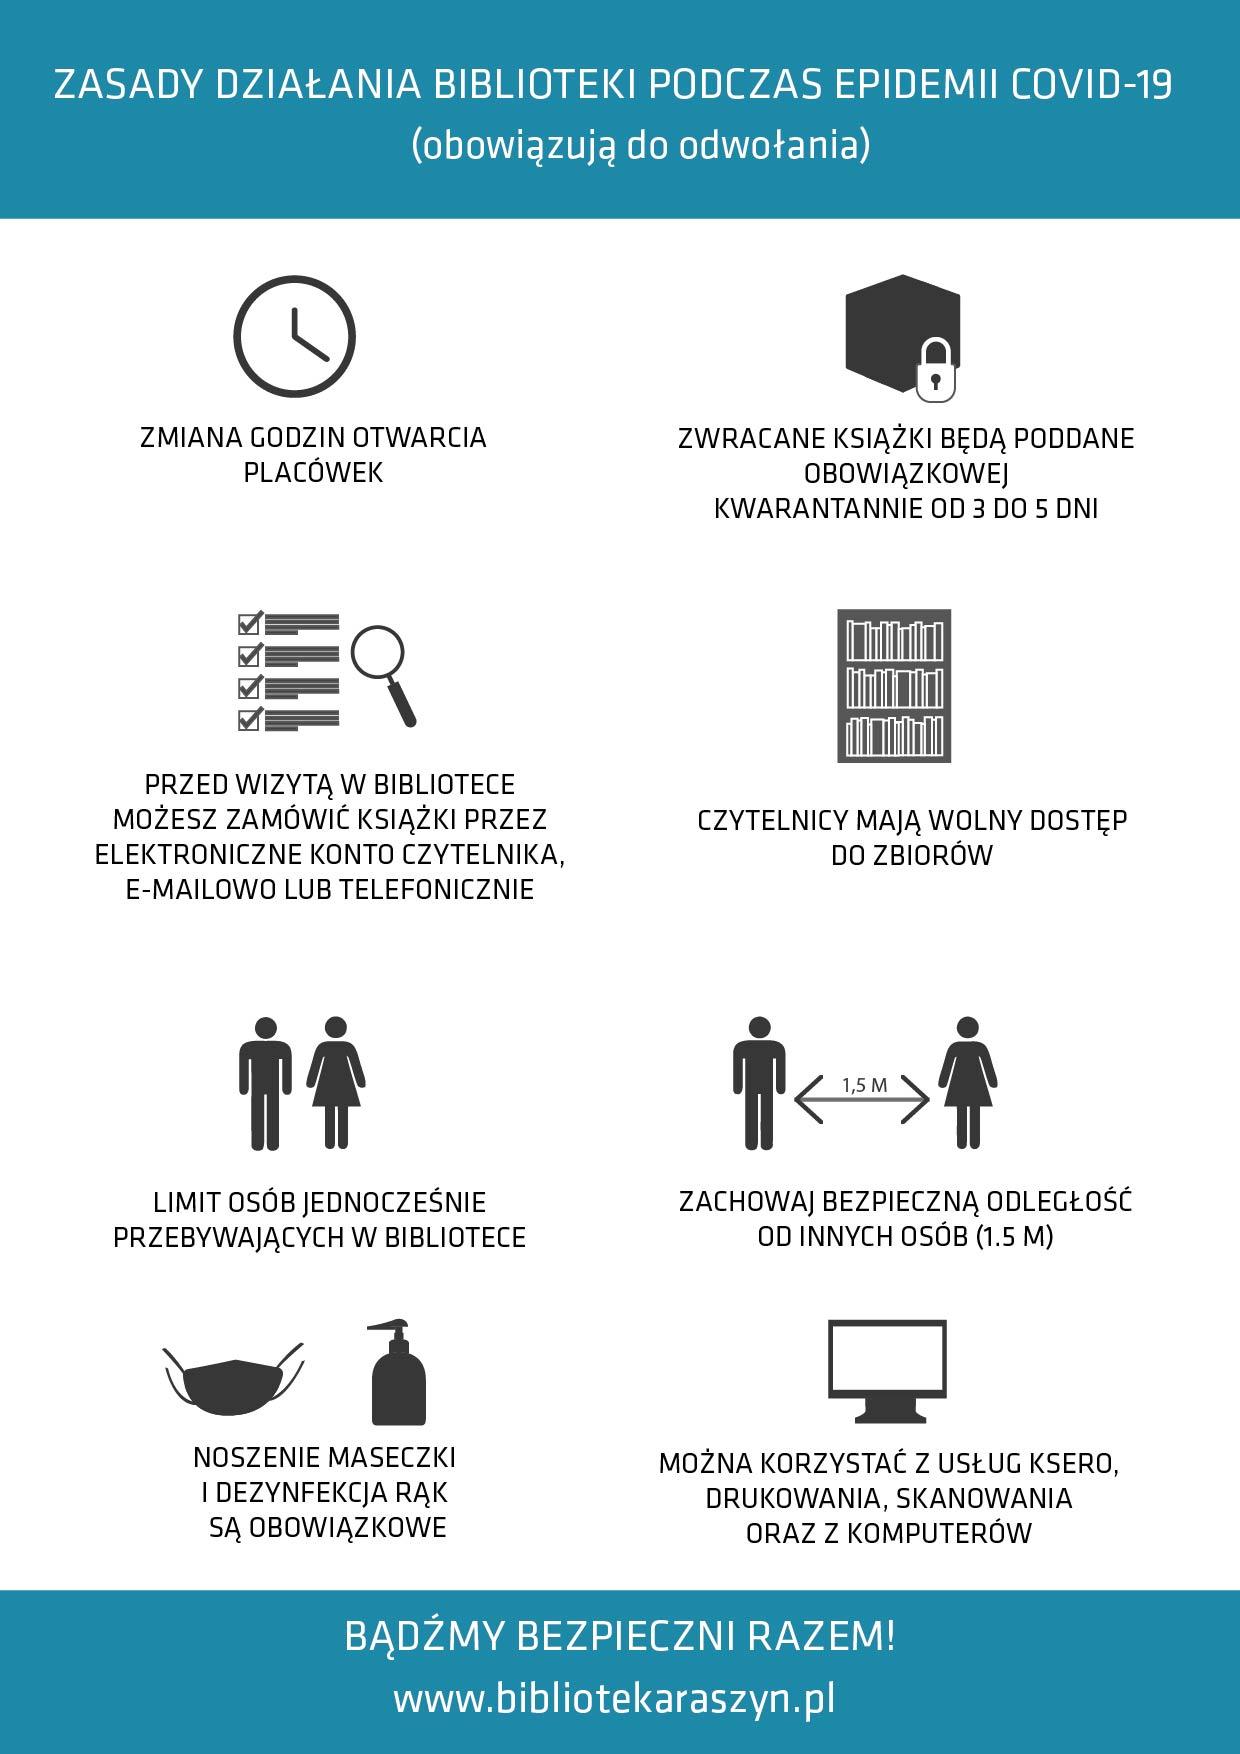 Zasady korzystania z biblioteki podczas COVID-19 - plakat